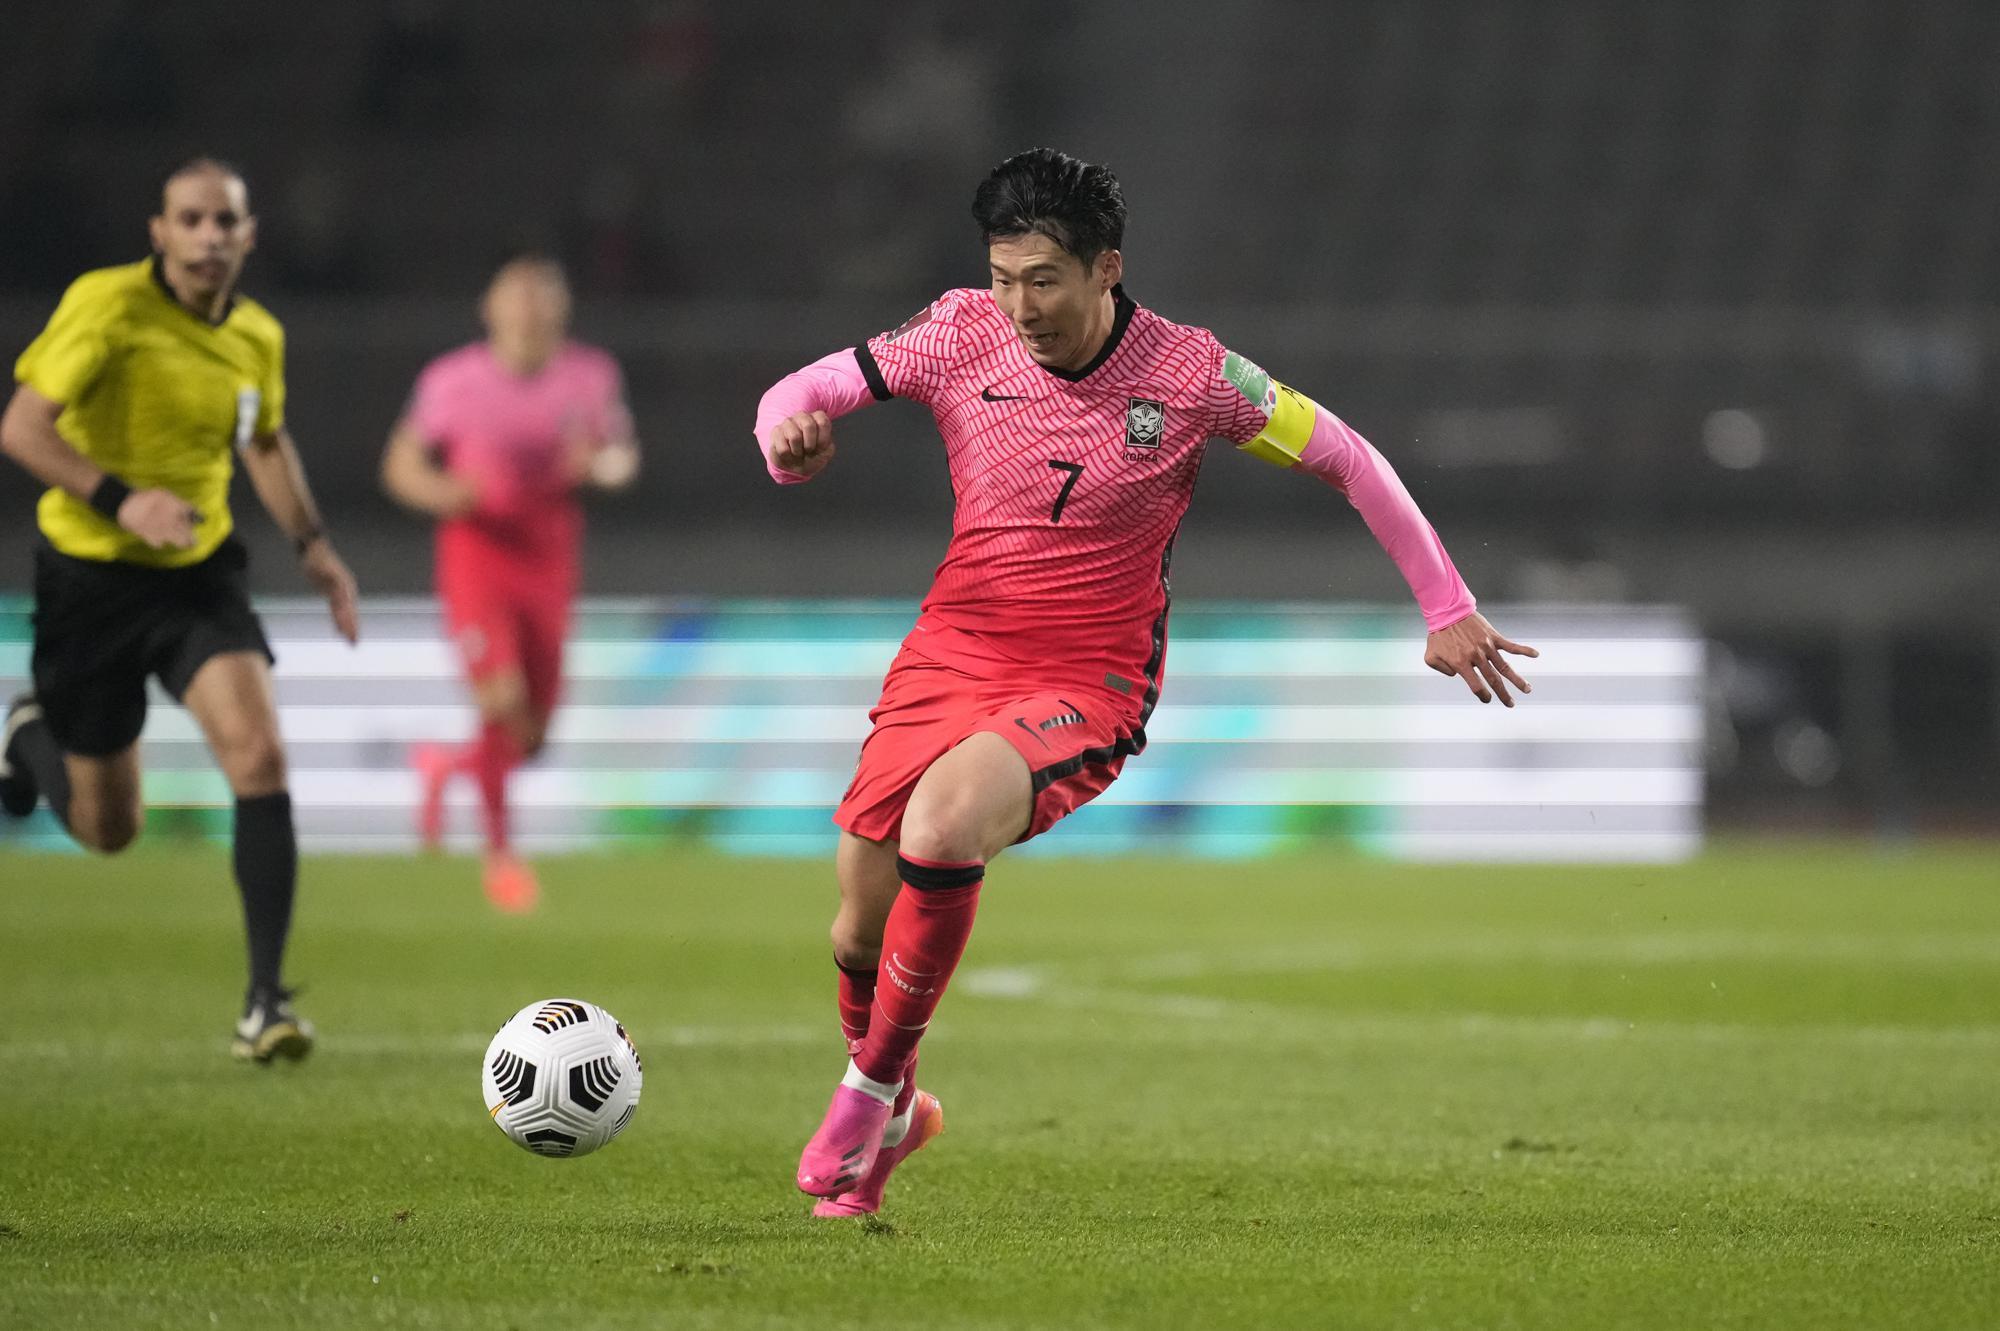 South Korea beats Turkmenistan 5-0 in World Cup qualifier